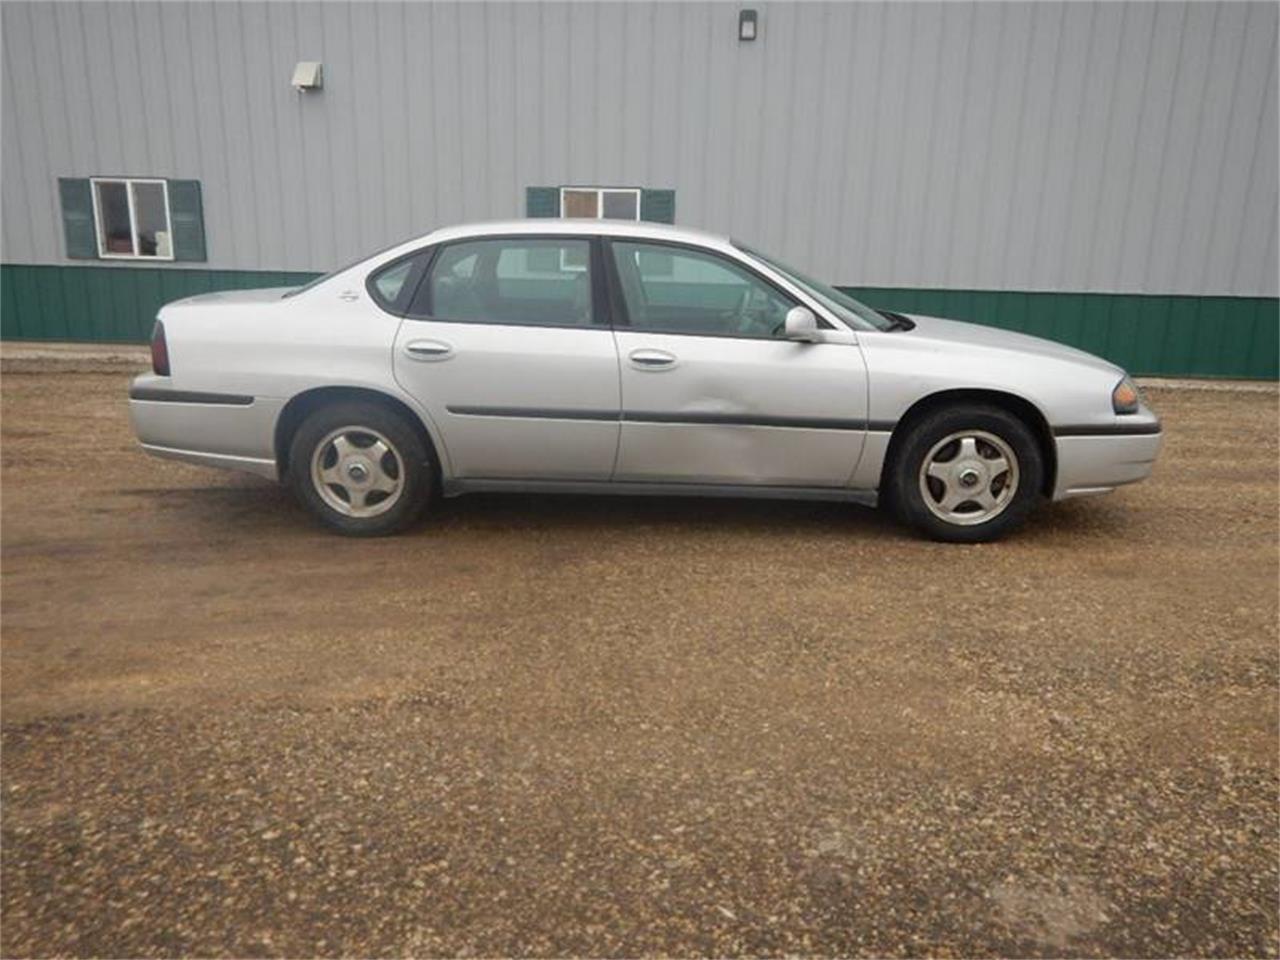 Large Picture of '04 Impala - POWZ